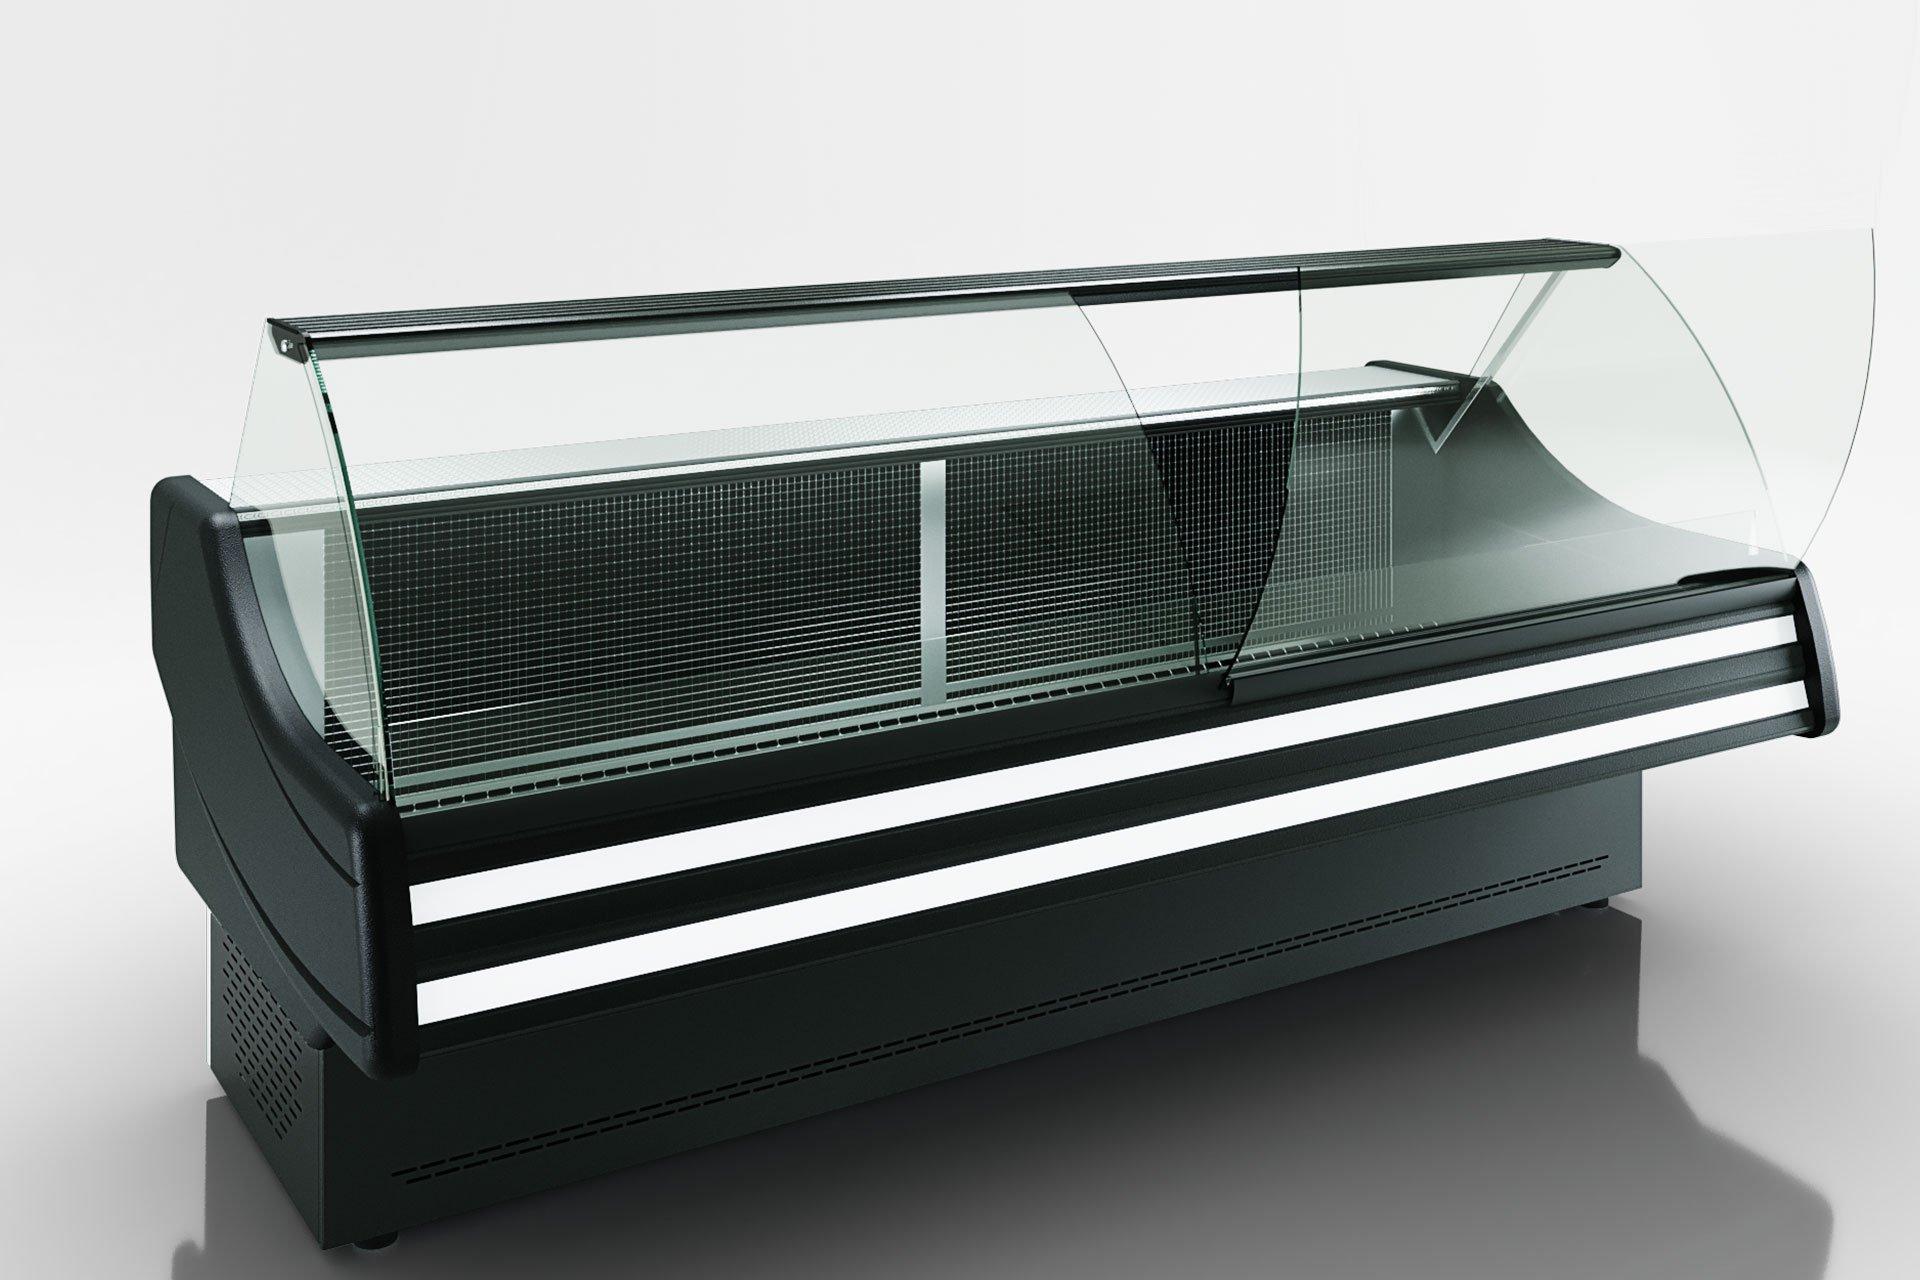 מקפיא תעשייתי SONATA AG 120 LT OS A